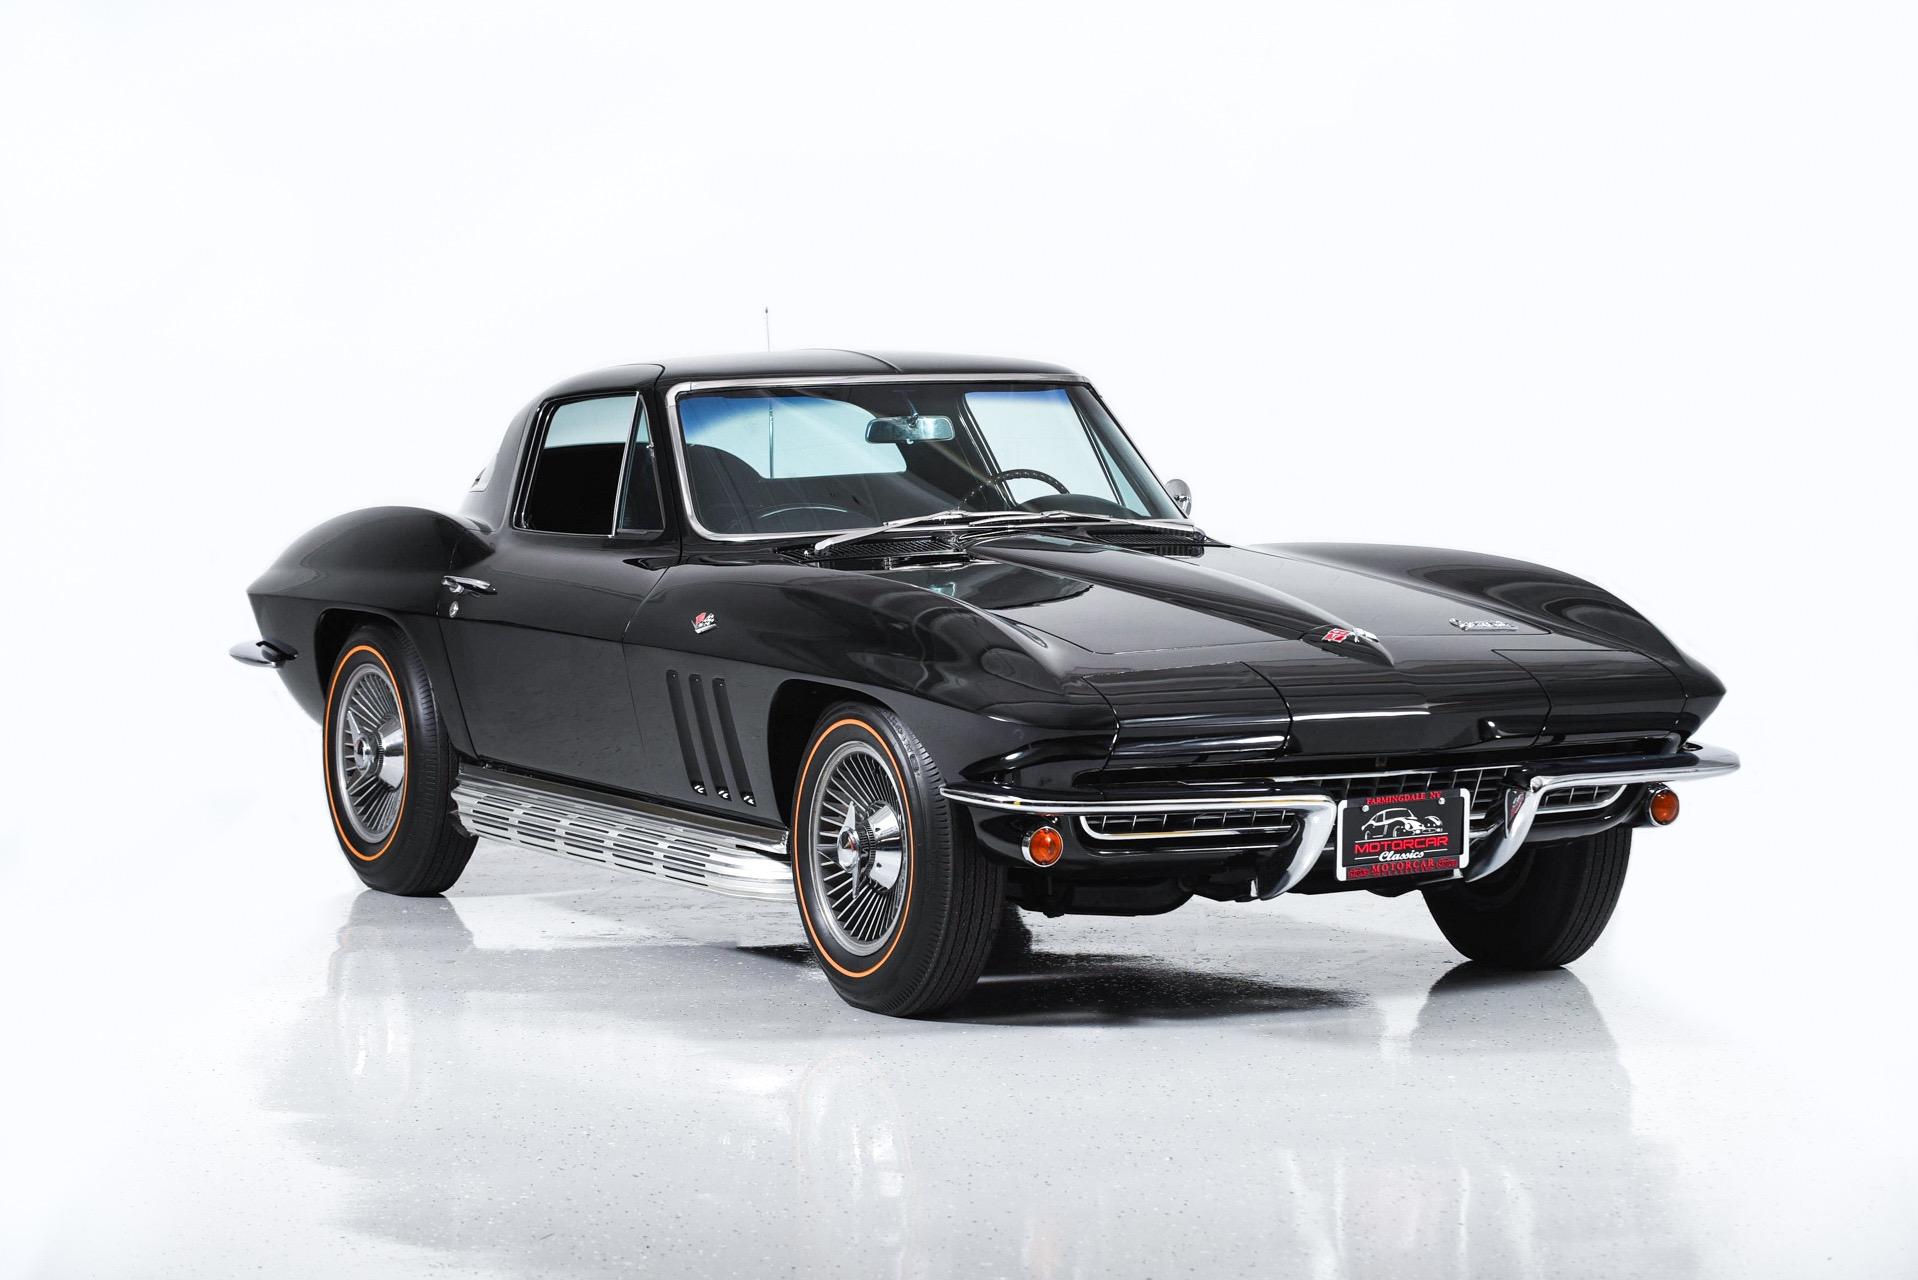 1966 Chevrolet Corvette | Motorcar Classics | Exotic and Classic Car ...